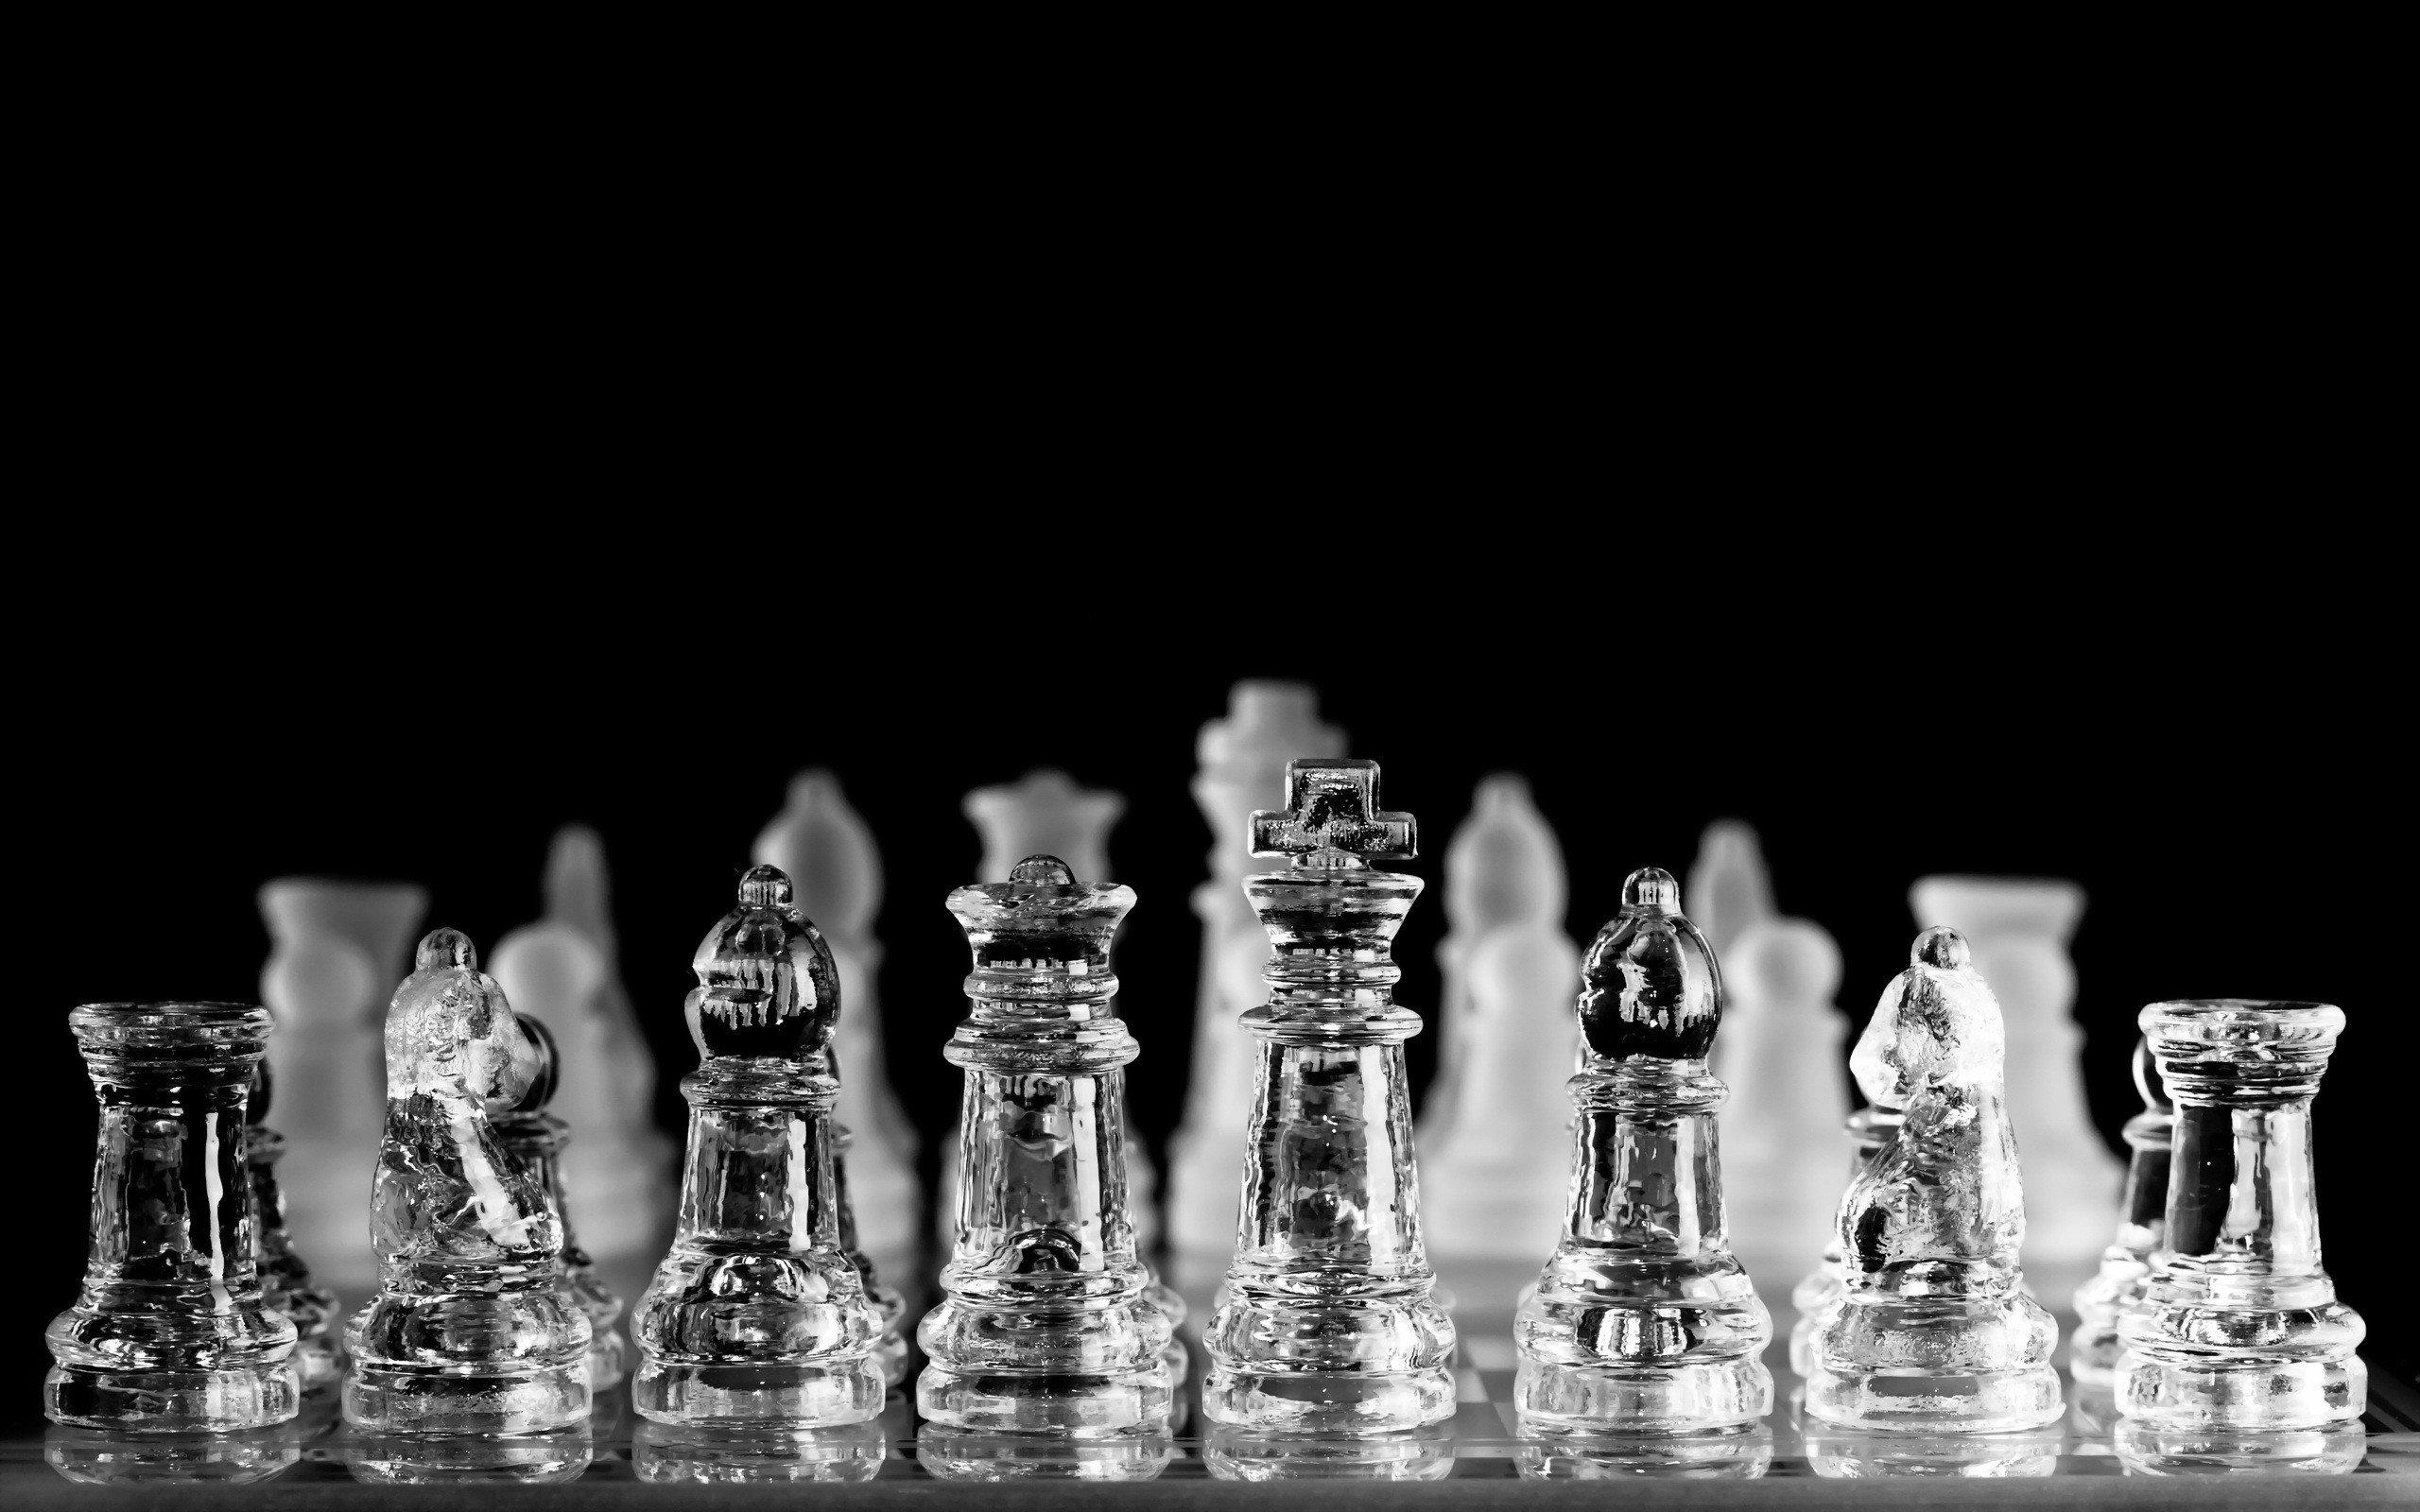 Glass Chess Pieces Wallpaper 2560x1600 726848 Wallpaperup